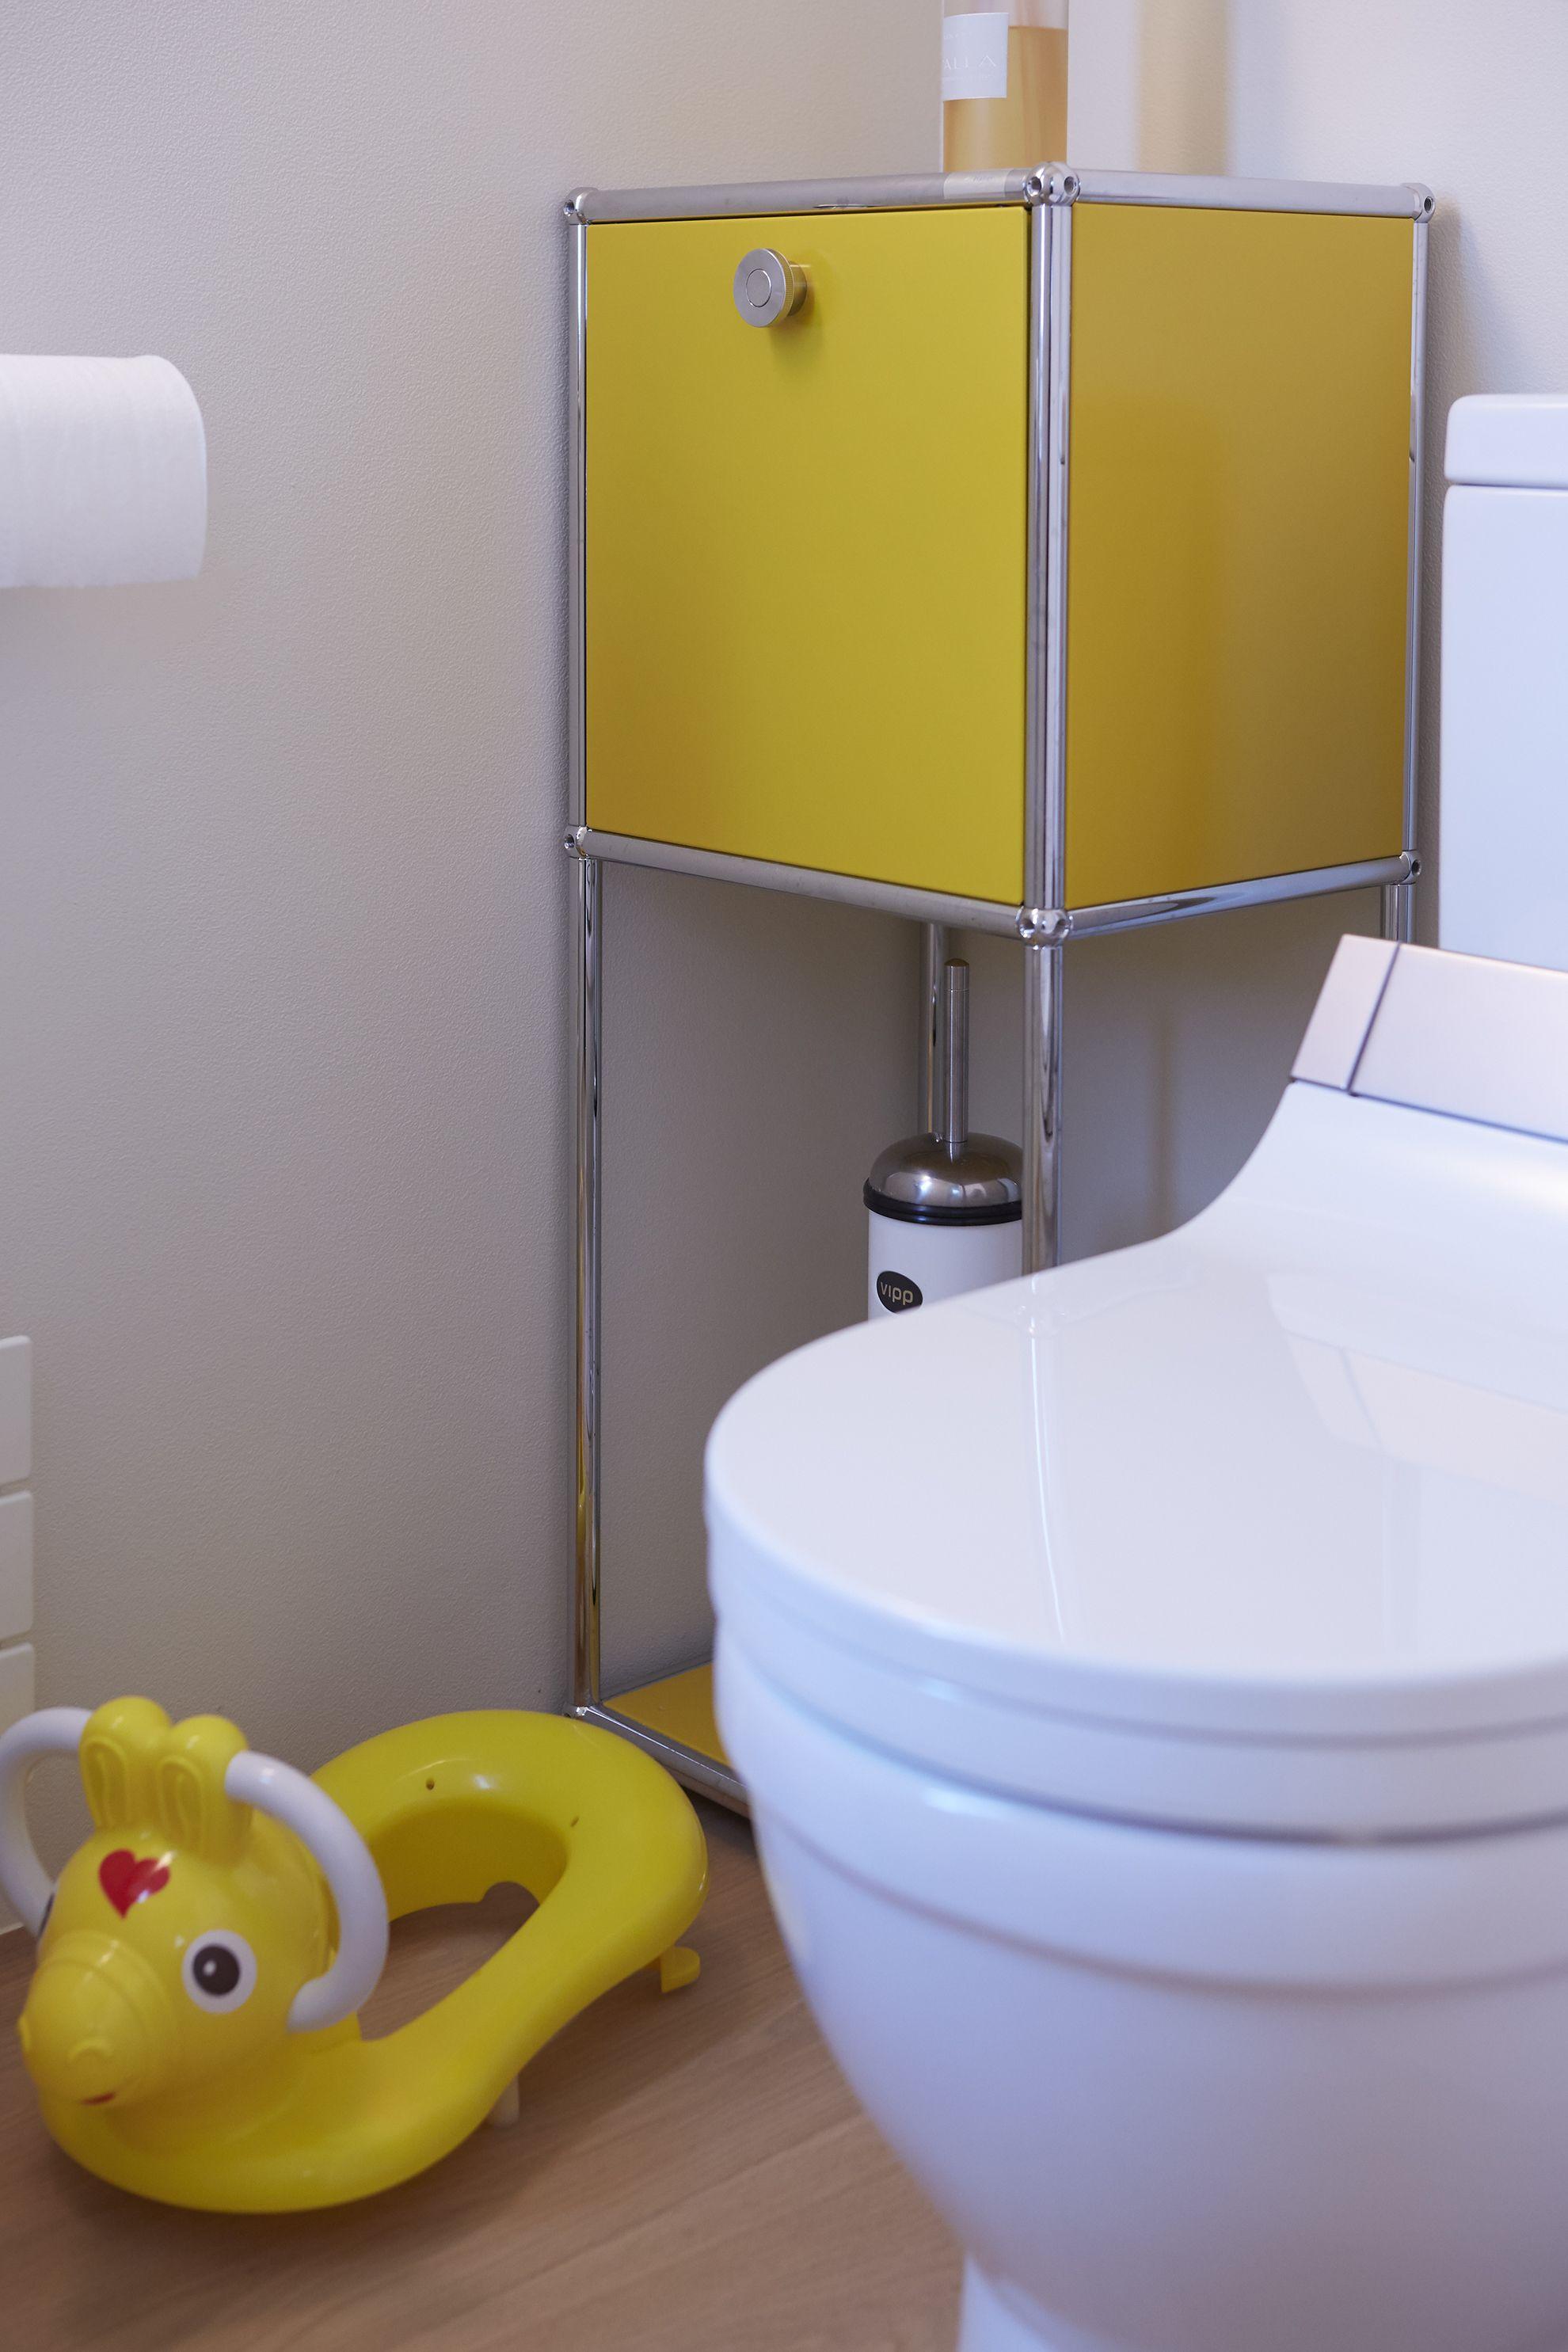 petite colonne de rangement usm haller coloris jaune id ale pour les petits espaces salles. Black Bedroom Furniture Sets. Home Design Ideas